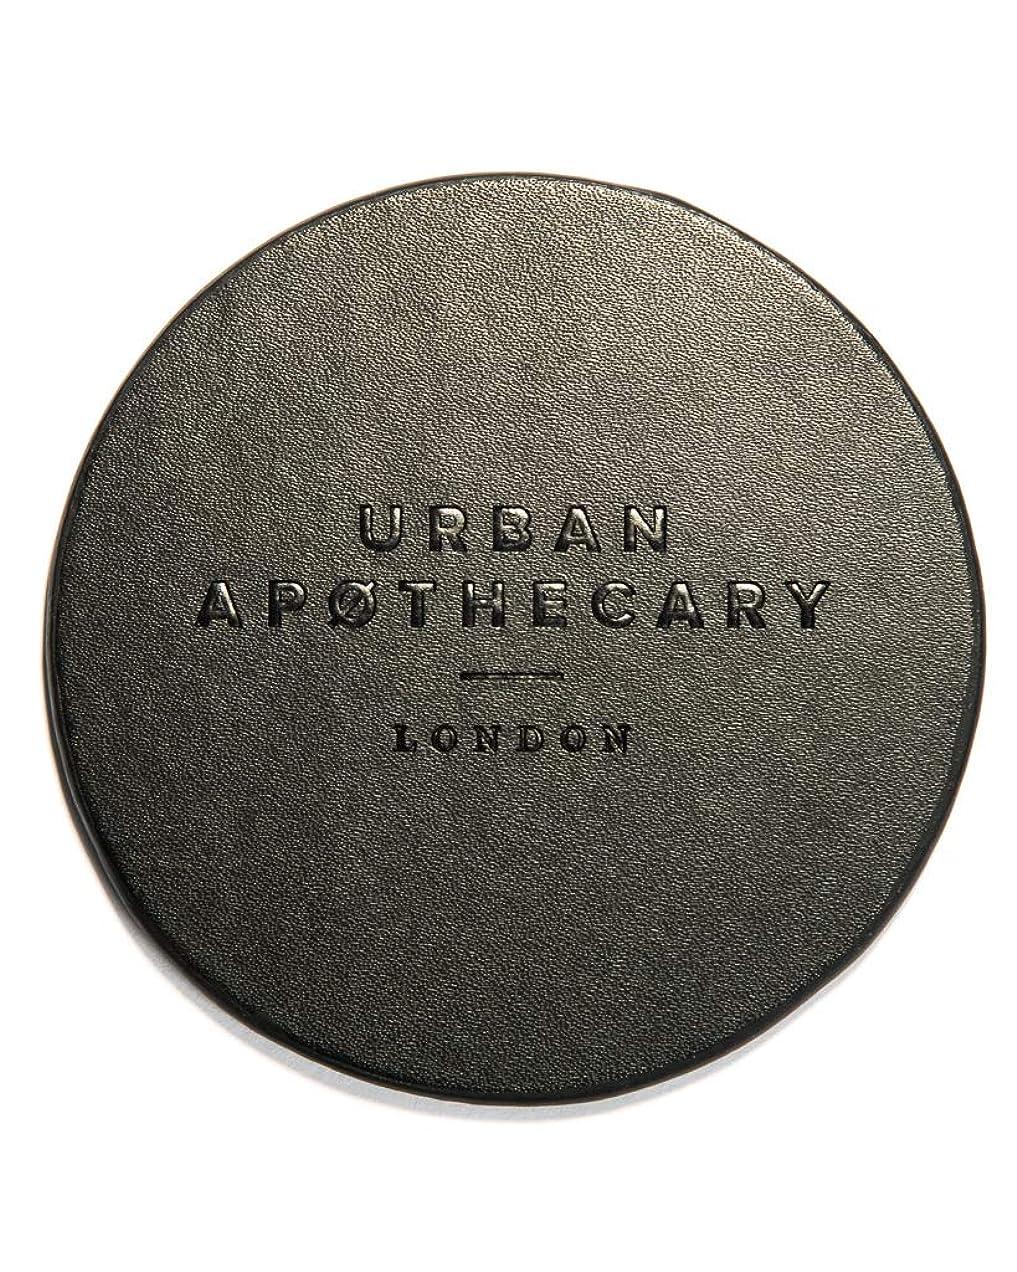 乏しいアンデス山脈月曜日URBAN APOTHECARY キャンドル&ディフューザー コースター